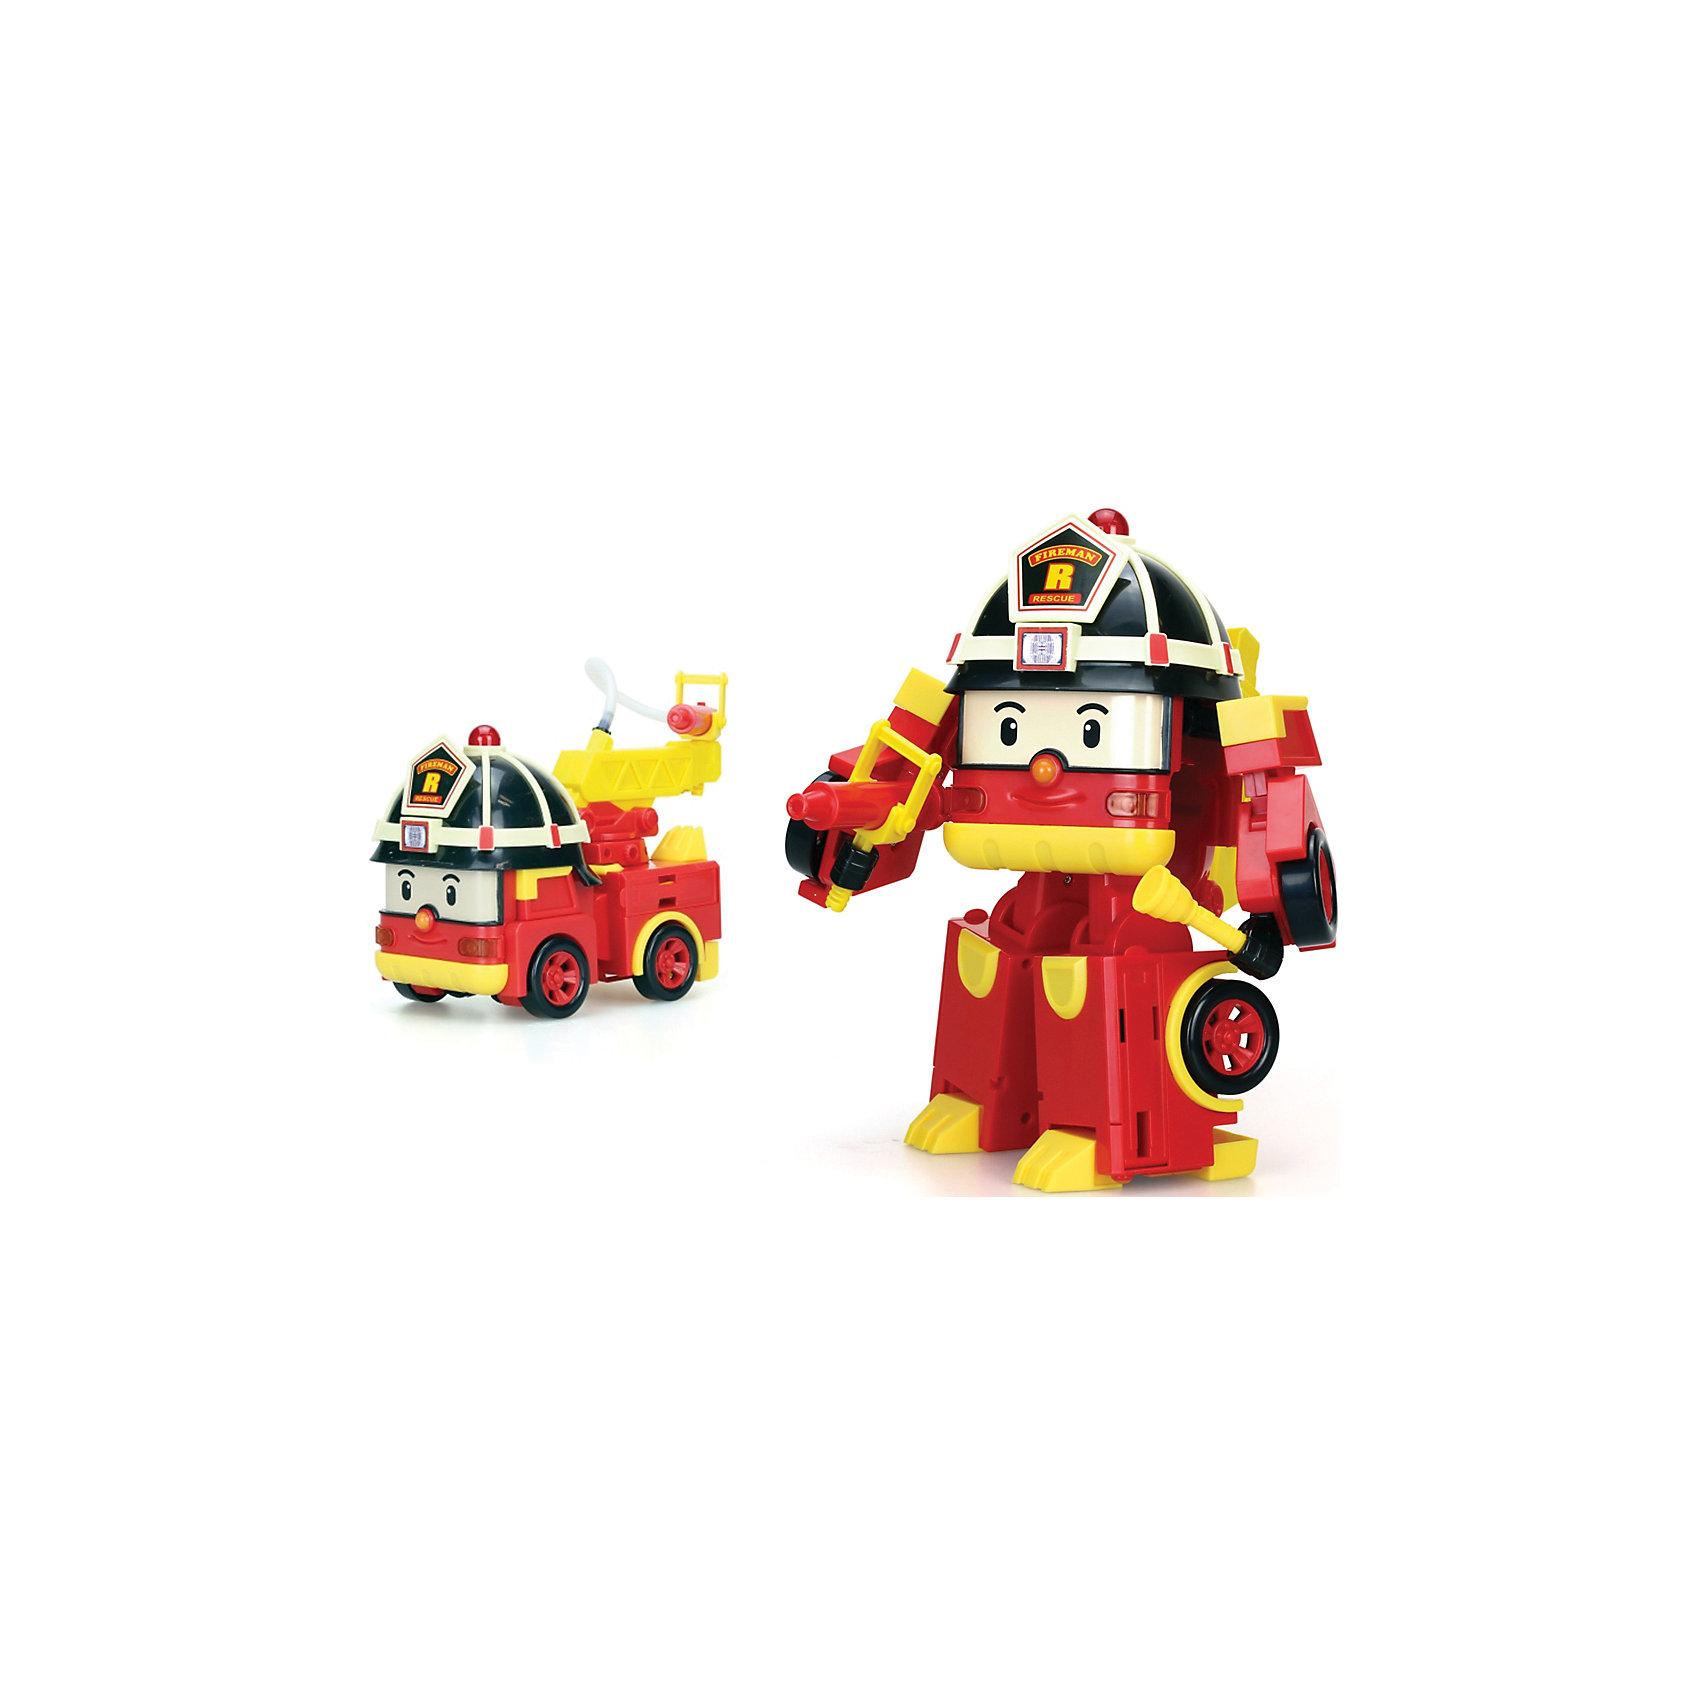 Трансформер Рой Мега, Робокар ПолиМашинки и транспорт для малышей<br>Трансформер Рой Мега, Робокар Поли.<br><br>Характеристики:<br><br>- В наборе: робот, перфоратор, фонарь, огнетушитель, молоток, насадка-брандспойт<br>- Материал: пластик<br>- Высота робота: 25 см.<br>- Размер машинки: 18 x 10 x 15 см.<br>- Батарейки: 4 х АА / LR6 1.5V (не входят в комплект)<br>- Упаковка: картонная коробка блистерного типа<br>- Размер упаковки: 24,1х17,7х33 см.<br>- Вес: 1,358 кг.<br><br>Робокар Рой всегда рад прийти на помощь! Если случается беда, он легко трансформируется в пожарную машину и мчится спасать жителей Брумстауна. В его арсенале есть все необходимое - фонарь, огнетушитель, перфоратор и насадка на шланг. Сам шланг можно поднимать и опускать. Световые и звуковые эффекты сделают игру реалистичнее и увлекательнее. Если нажать на маячок, который находится на каске робота, то он засветится и завоет сирена. А если нажать на треугольную кнопку, то зазвучит музыка и засветятся фары. Эта игрушка непременно понравится вашему малышу. Порадуйте ребенка таким замечательным подарком!<br><br>Трансформера Рой Мега, Робокар Поли можно купить в нашем интернет-магазине.<br><br>Ширина мм: 241<br>Глубина мм: 177<br>Высота мм: 330<br>Вес г: 1358<br>Возраст от месяцев: 36<br>Возраст до месяцев: 2147483647<br>Пол: Унисекс<br>Возраст: Детский<br>SKU: 5059829